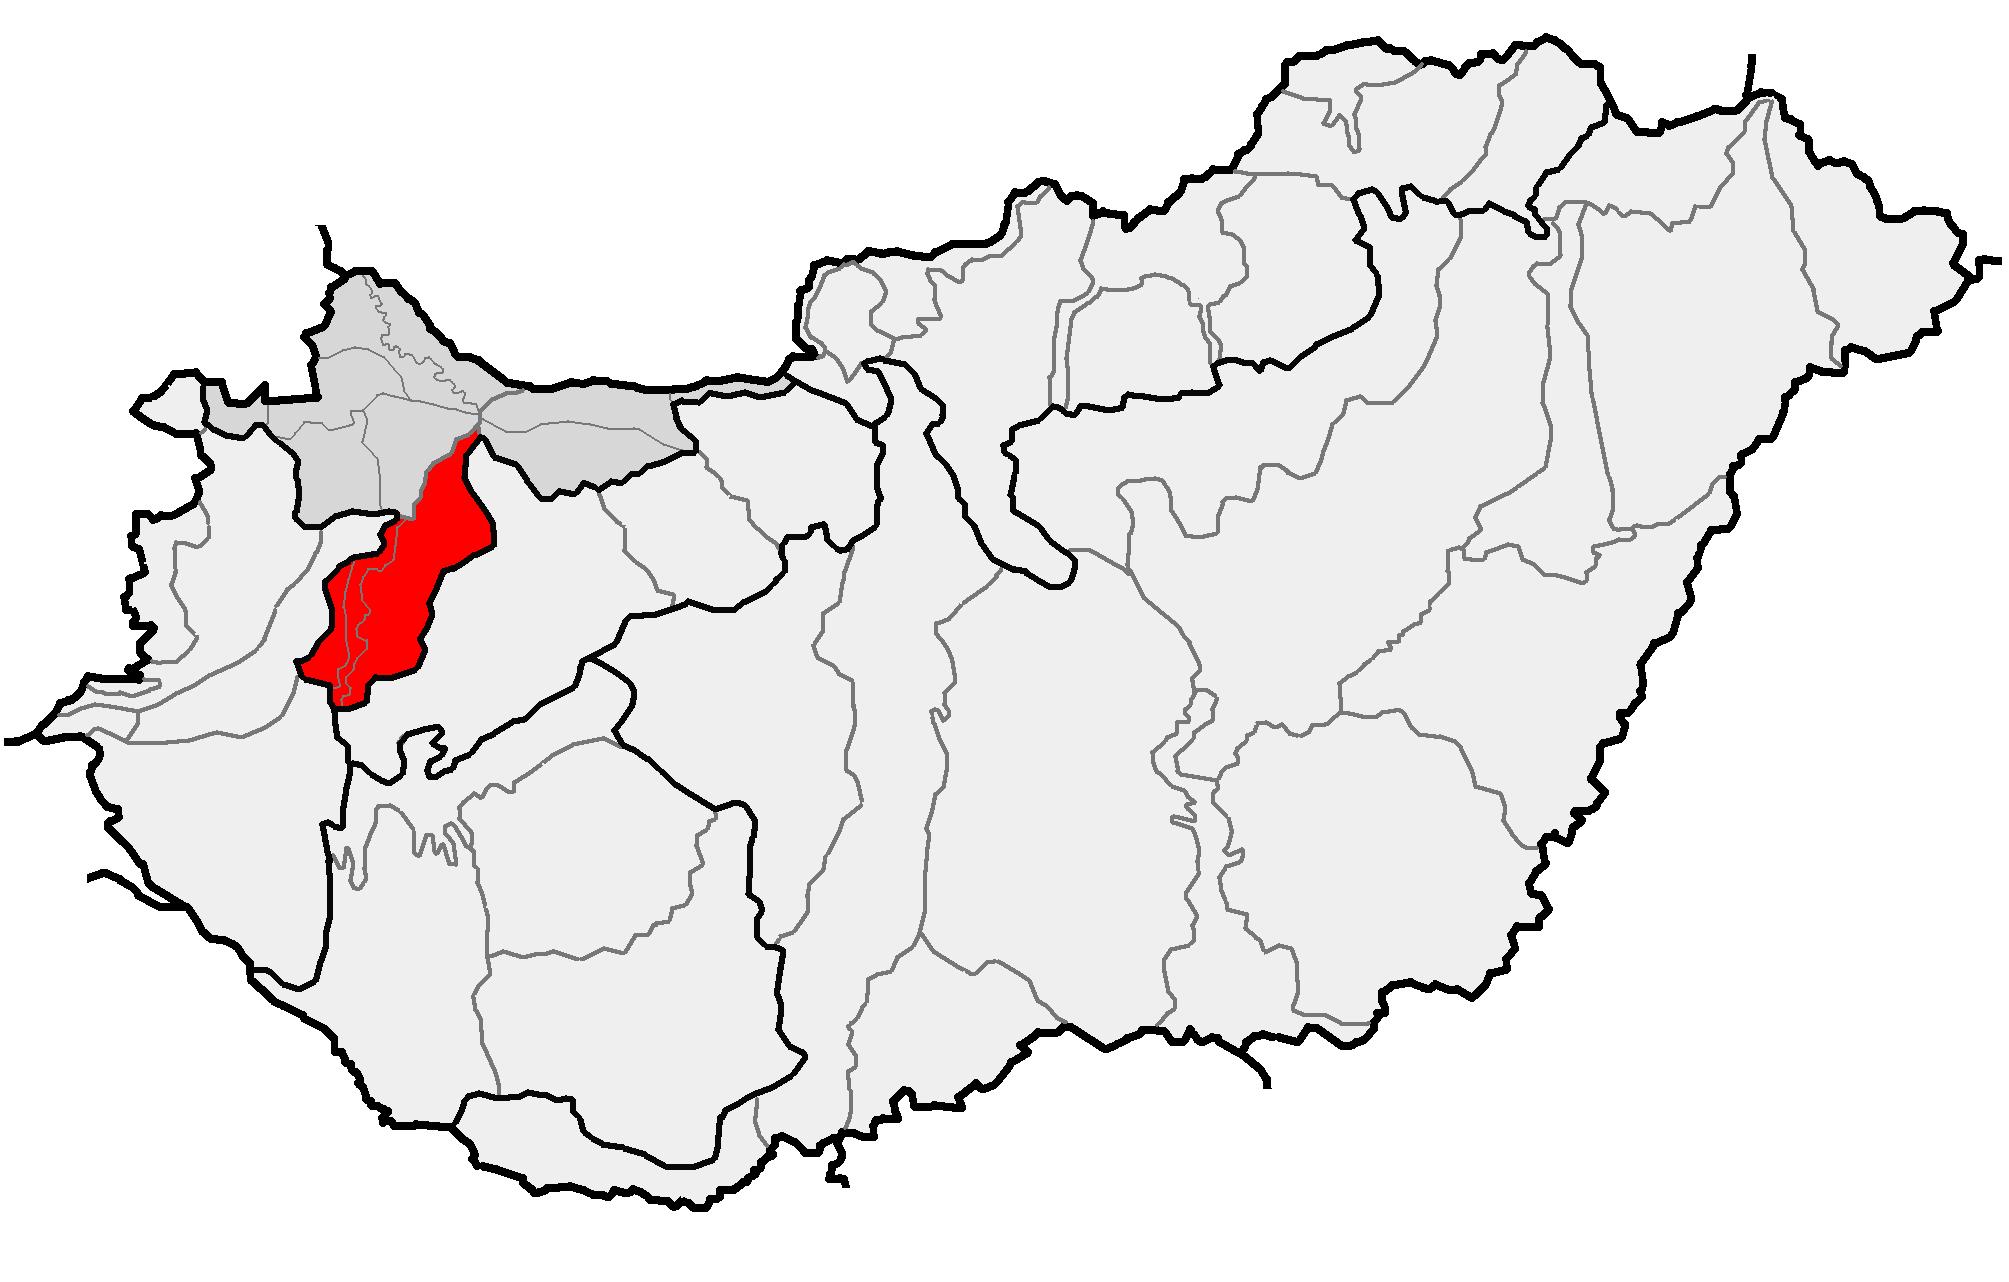 magyarország térkép marcali Marcal medence – Wikipédia magyarország térkép marcali